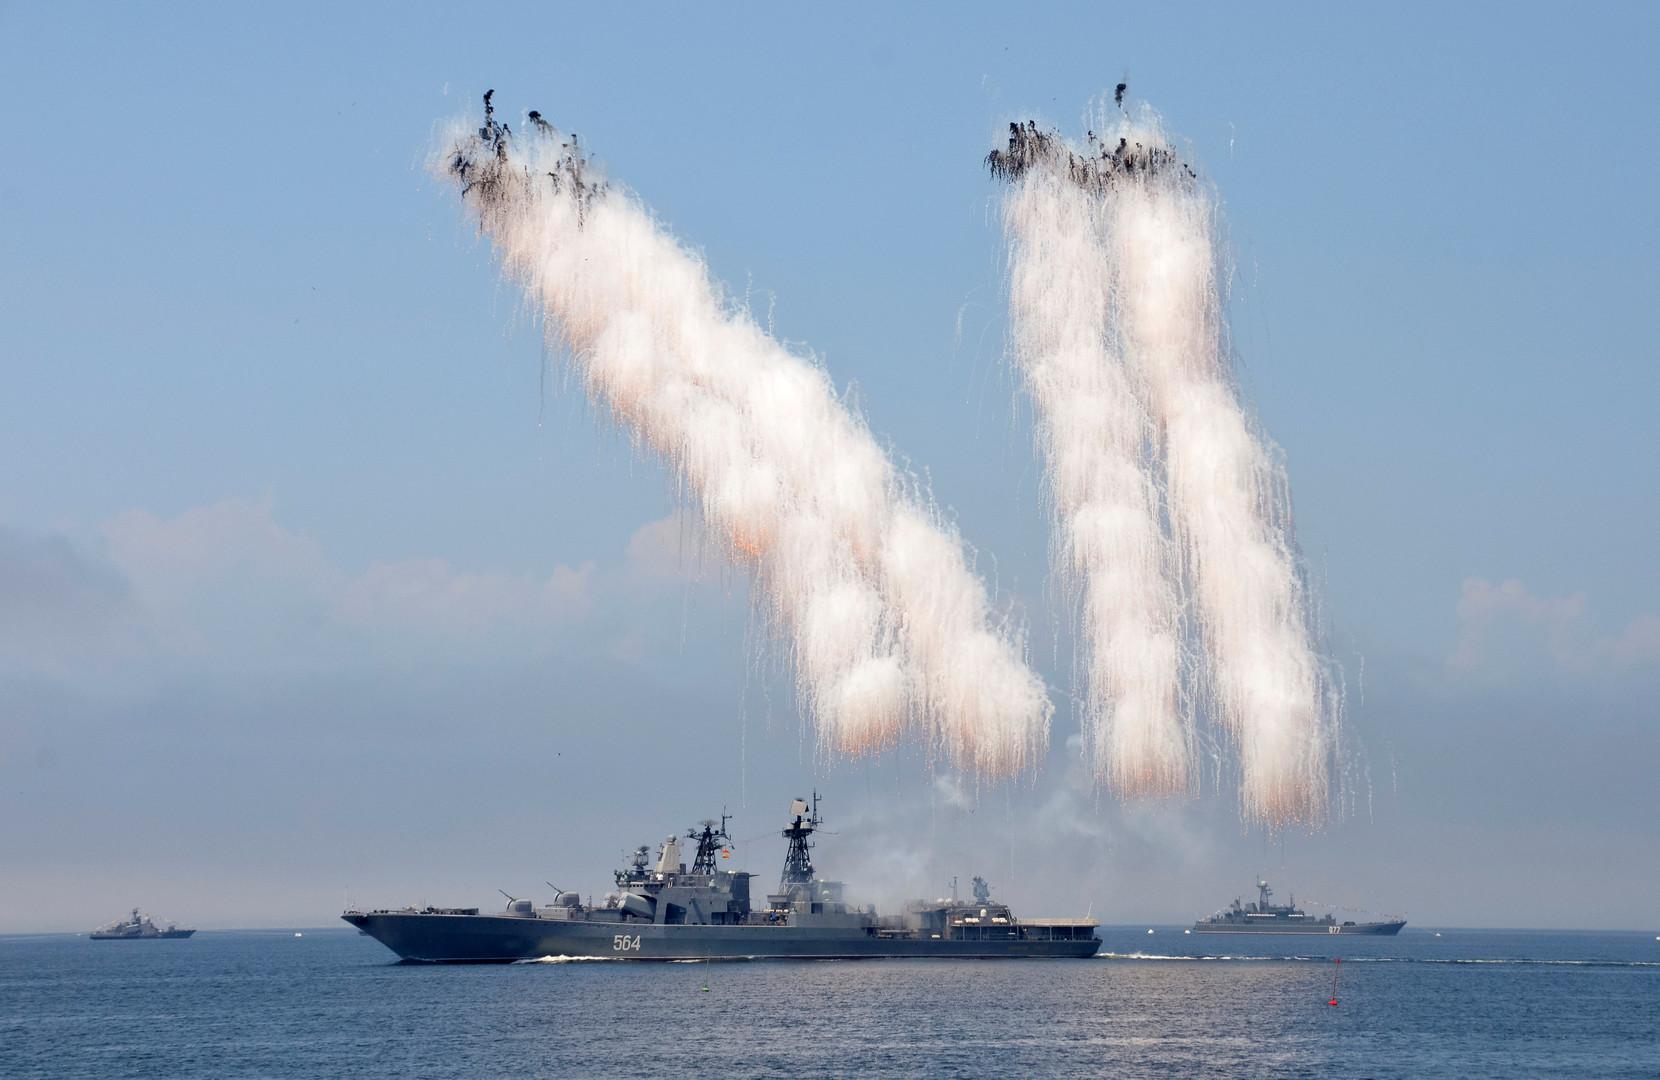 Демонстрация антиракетной артиллерии в рамках репетиции парада ко Дню ВМФ во Владивостоке.